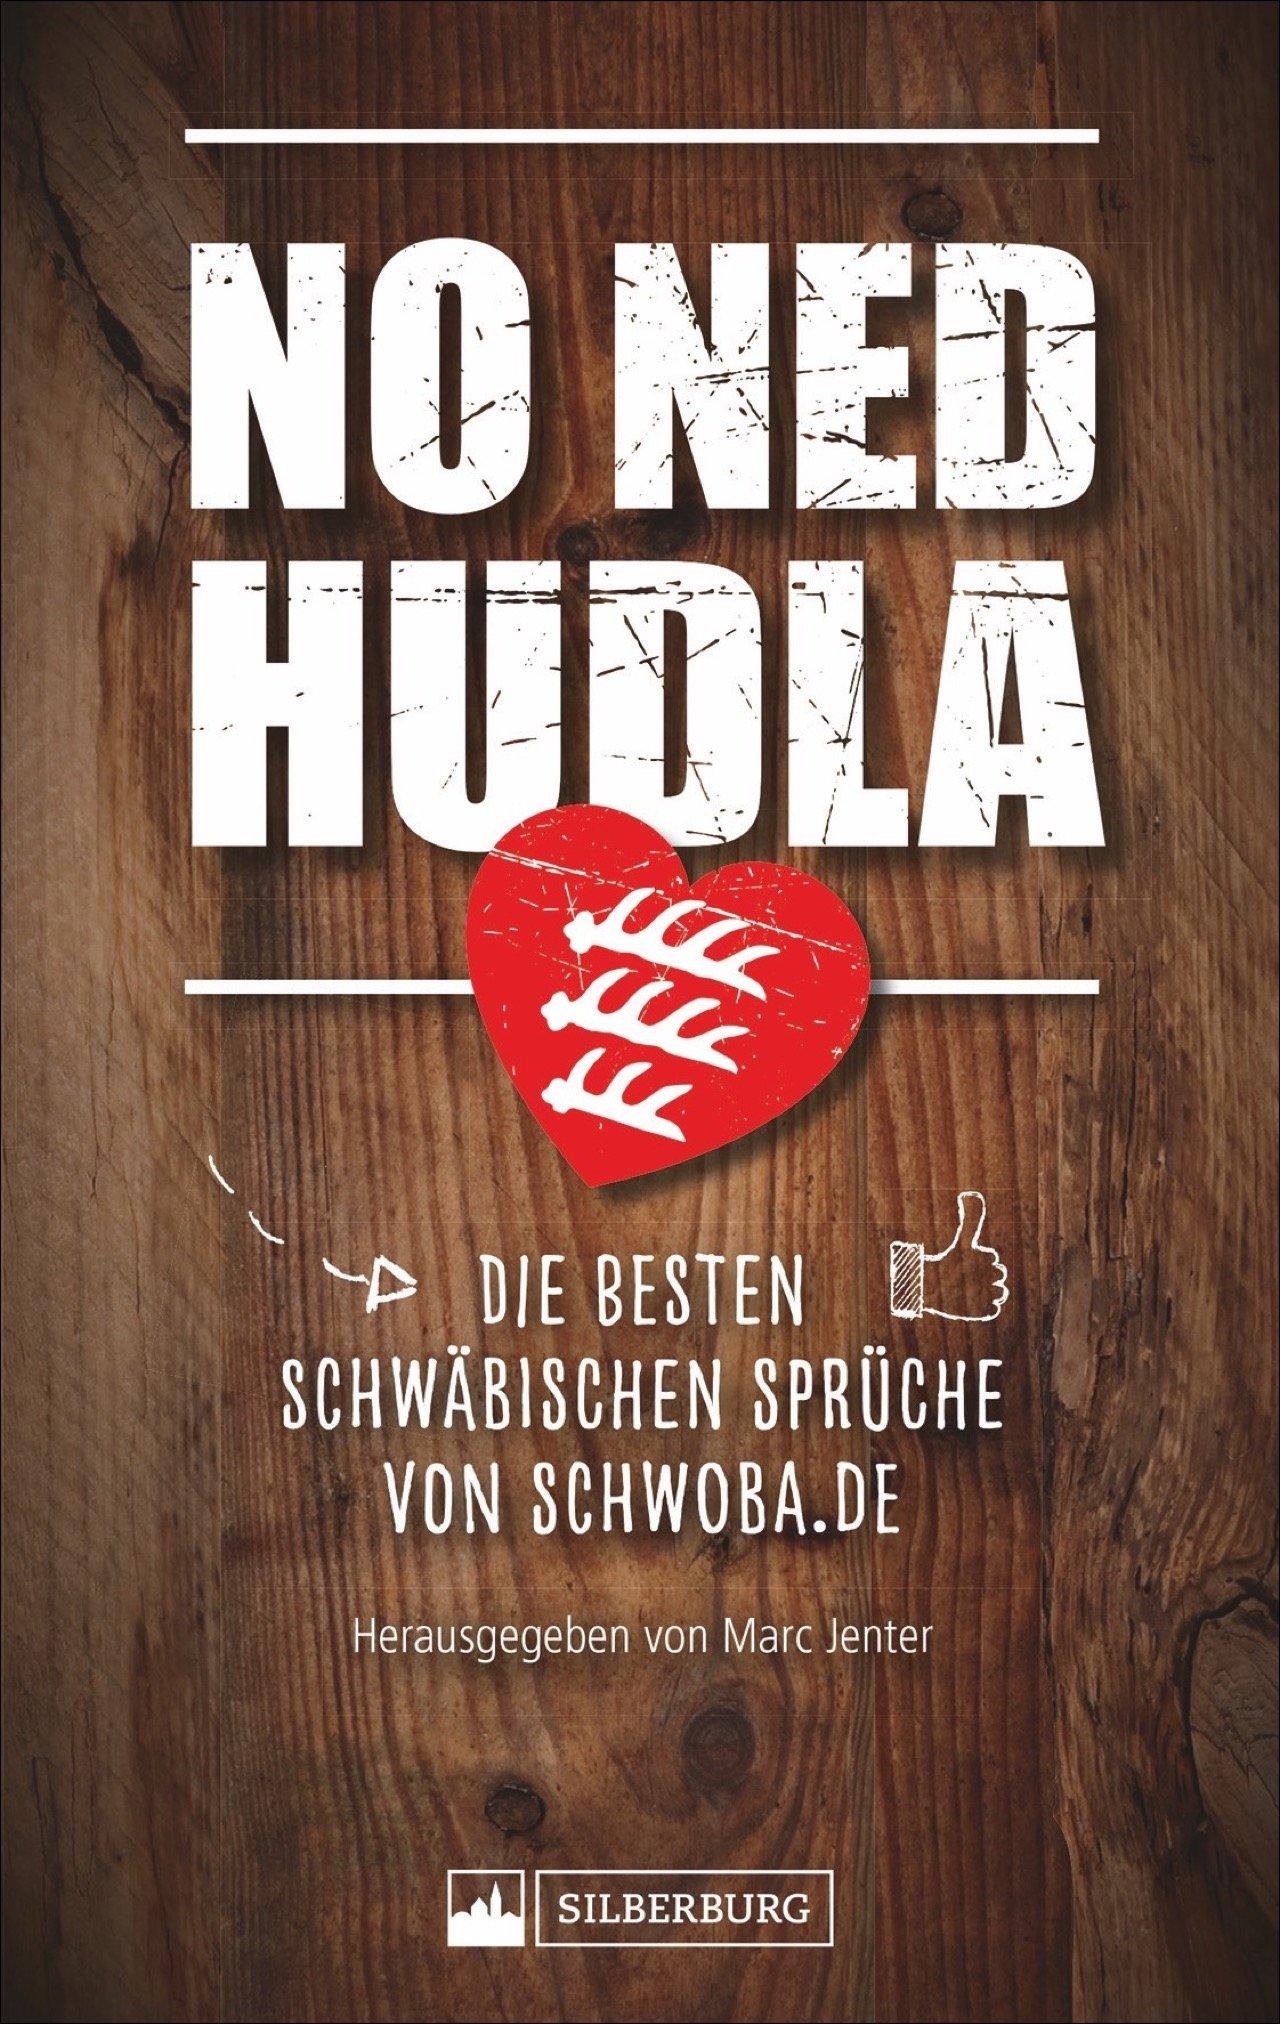 No ned hudla. Von Schwoba.de Die besten schwäbischen Sprüche von Schwoba.de. Eine Auswahl. Mehr als 140.000 Personen gefällt das!